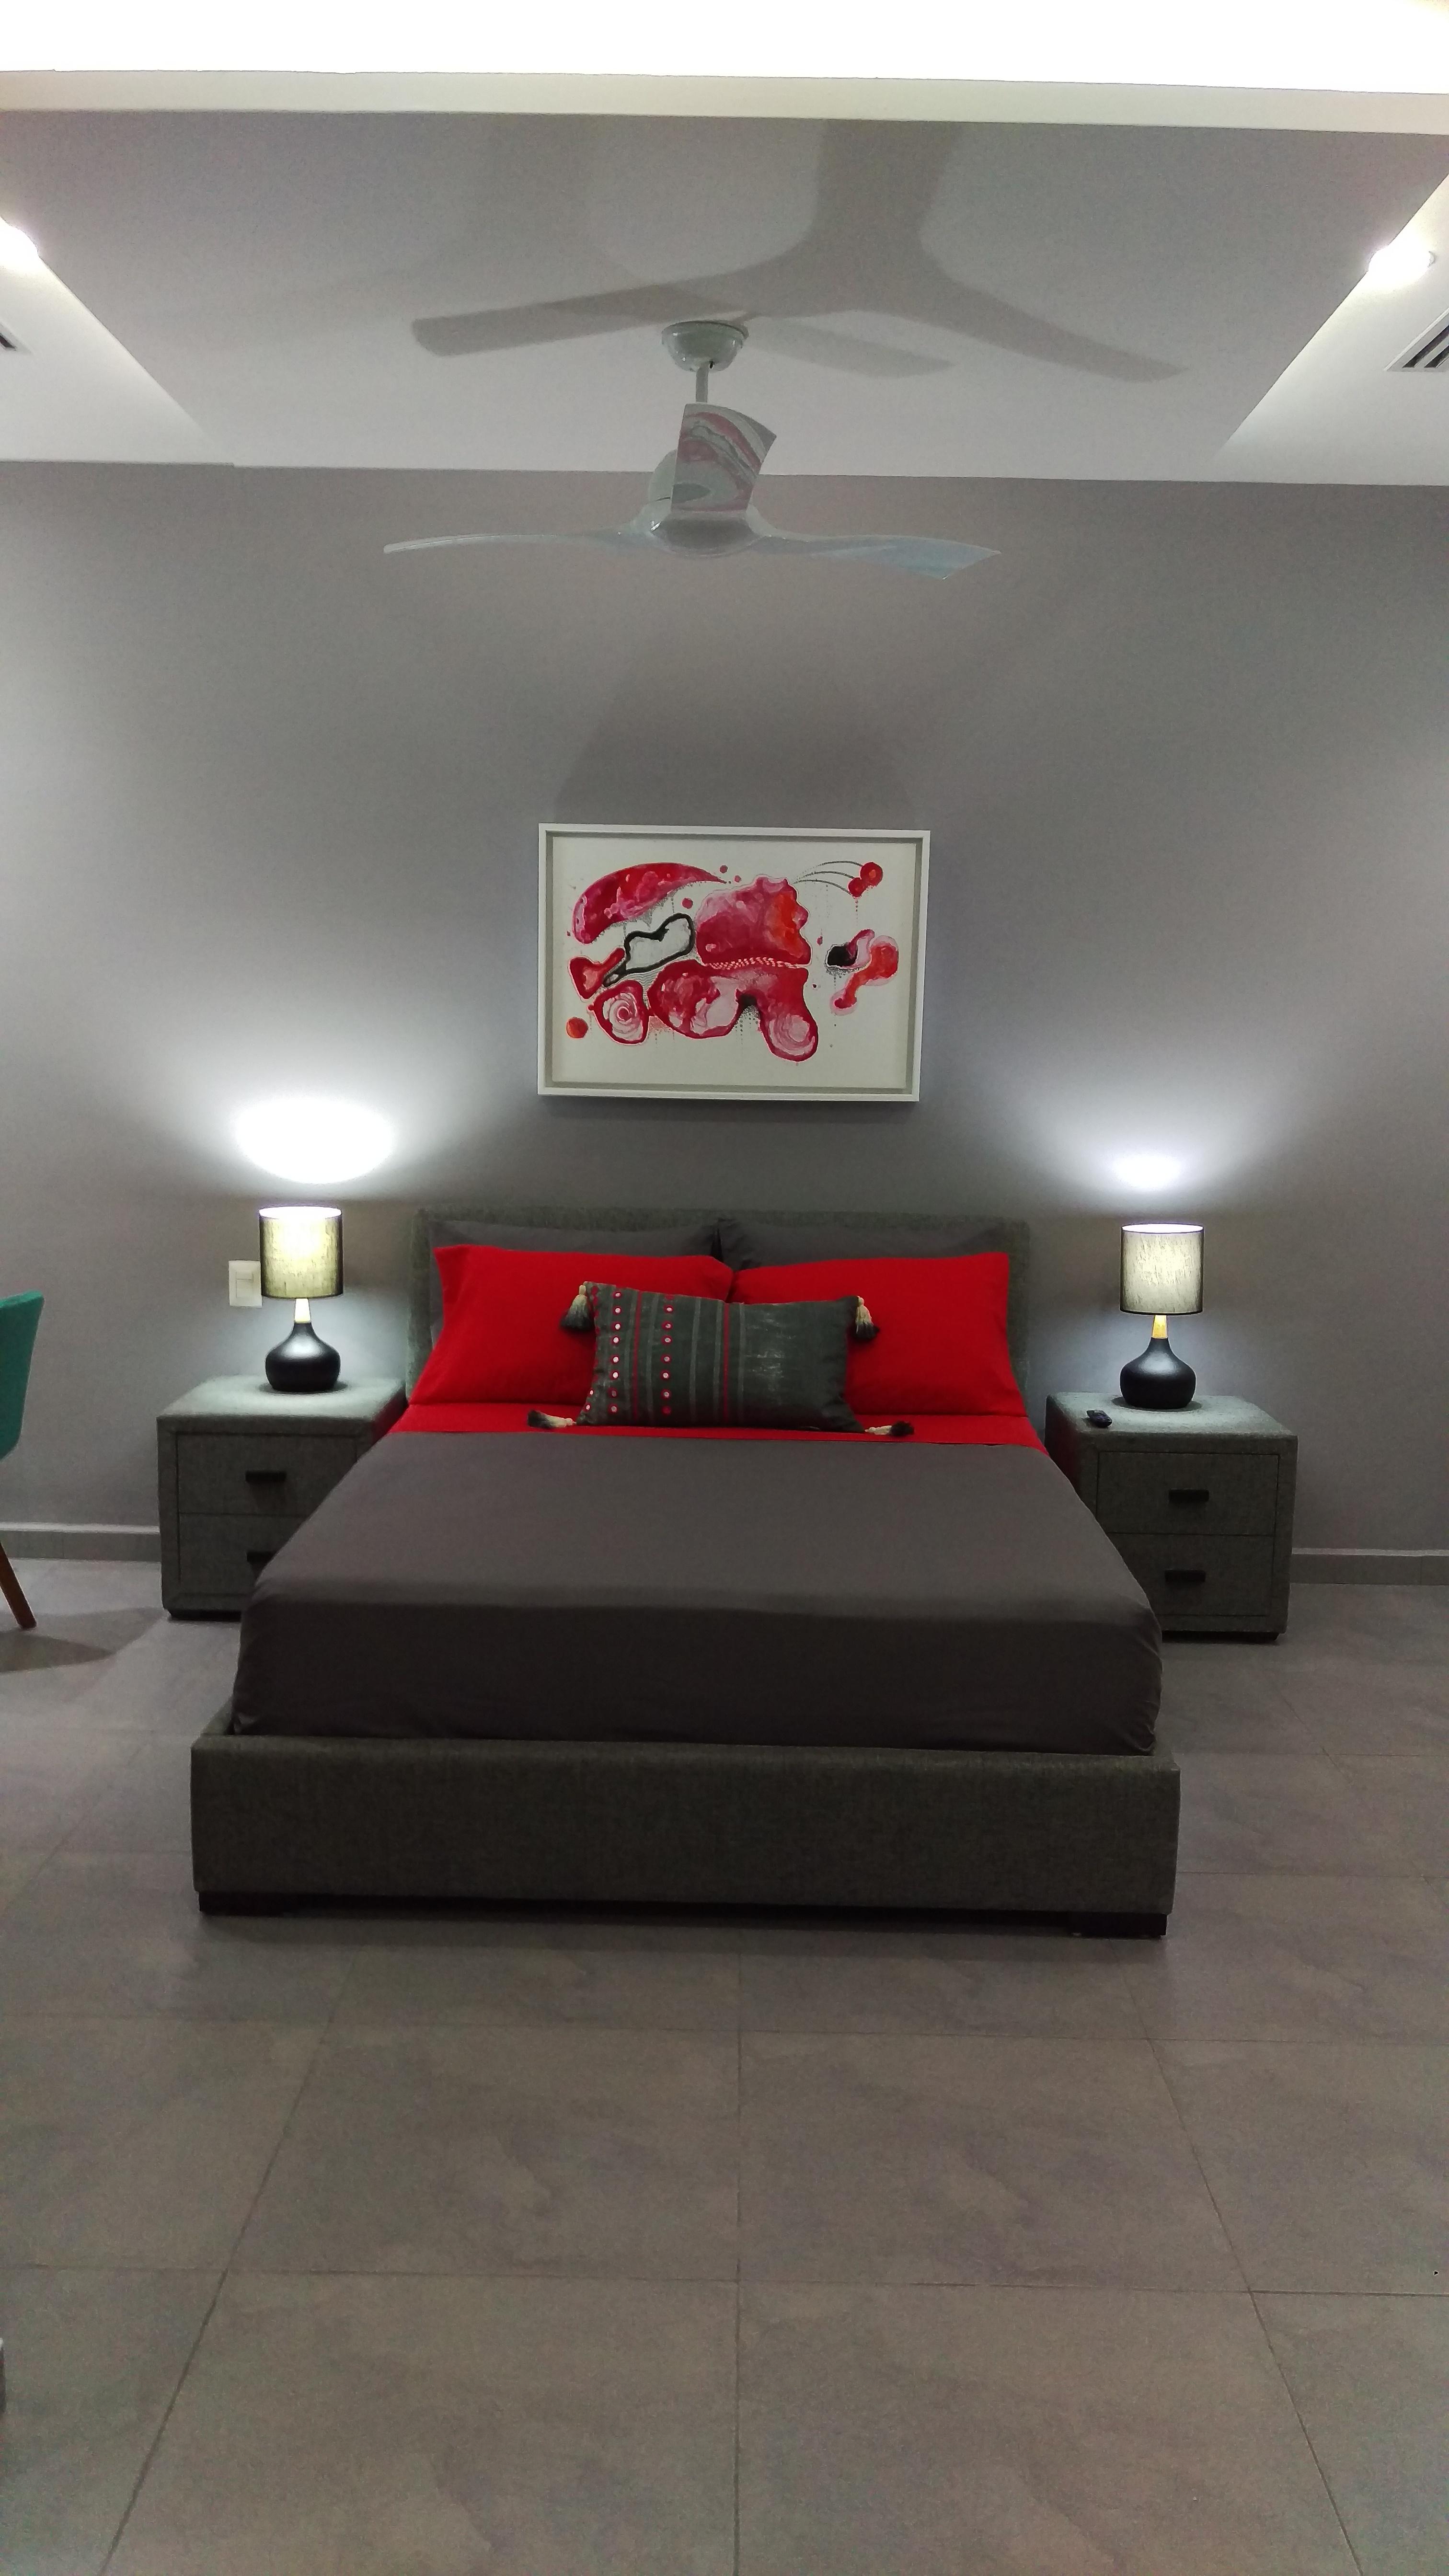 Ip studio riviera maya return on investment real estate for Actual studio muebles playa del carmen